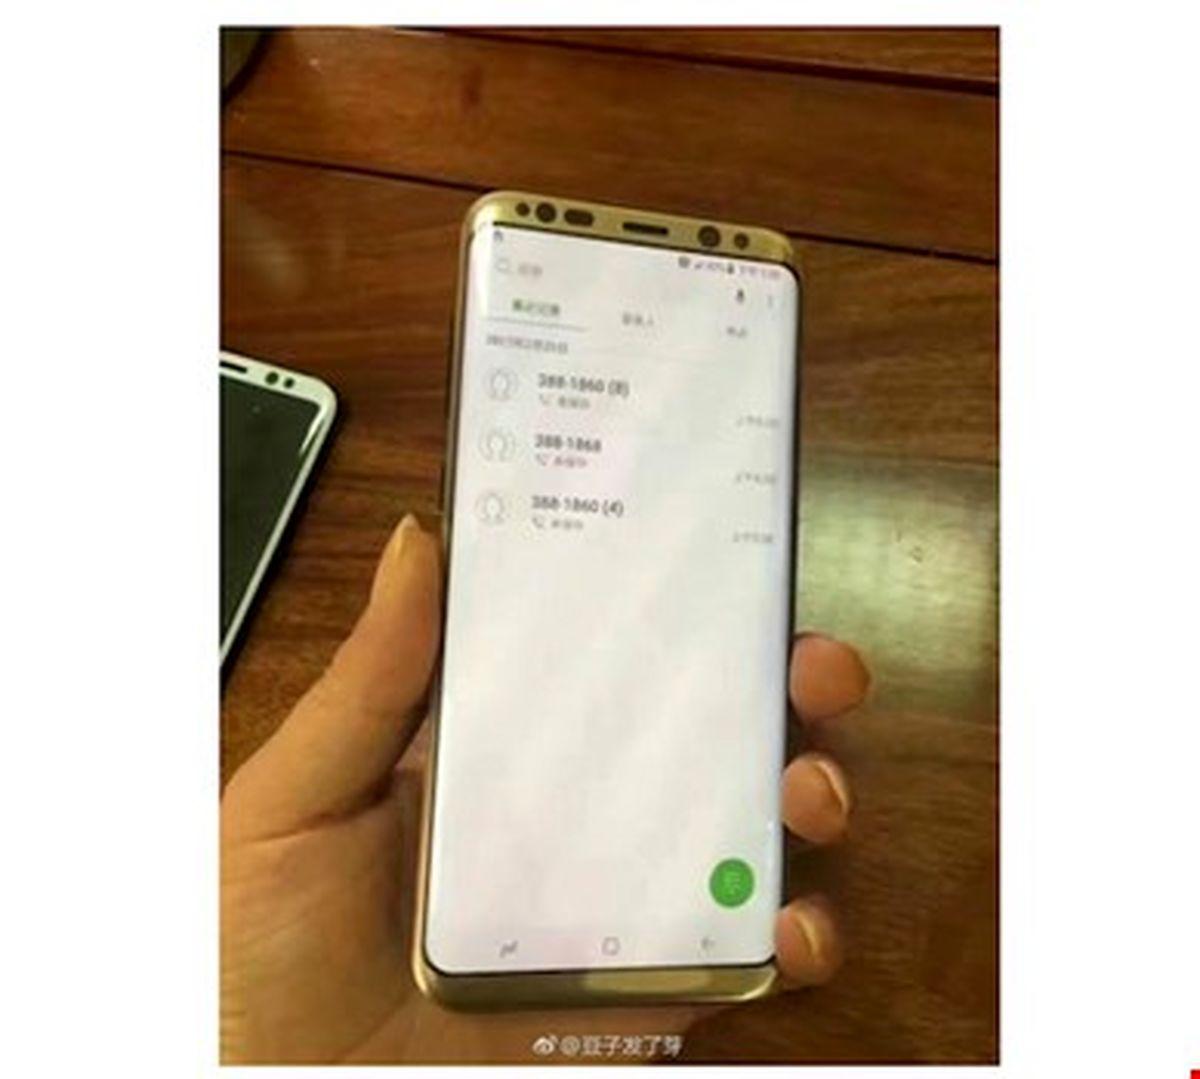 انتشار تصویر احتمالی گلکسی S8 Plus طلایی رنگ